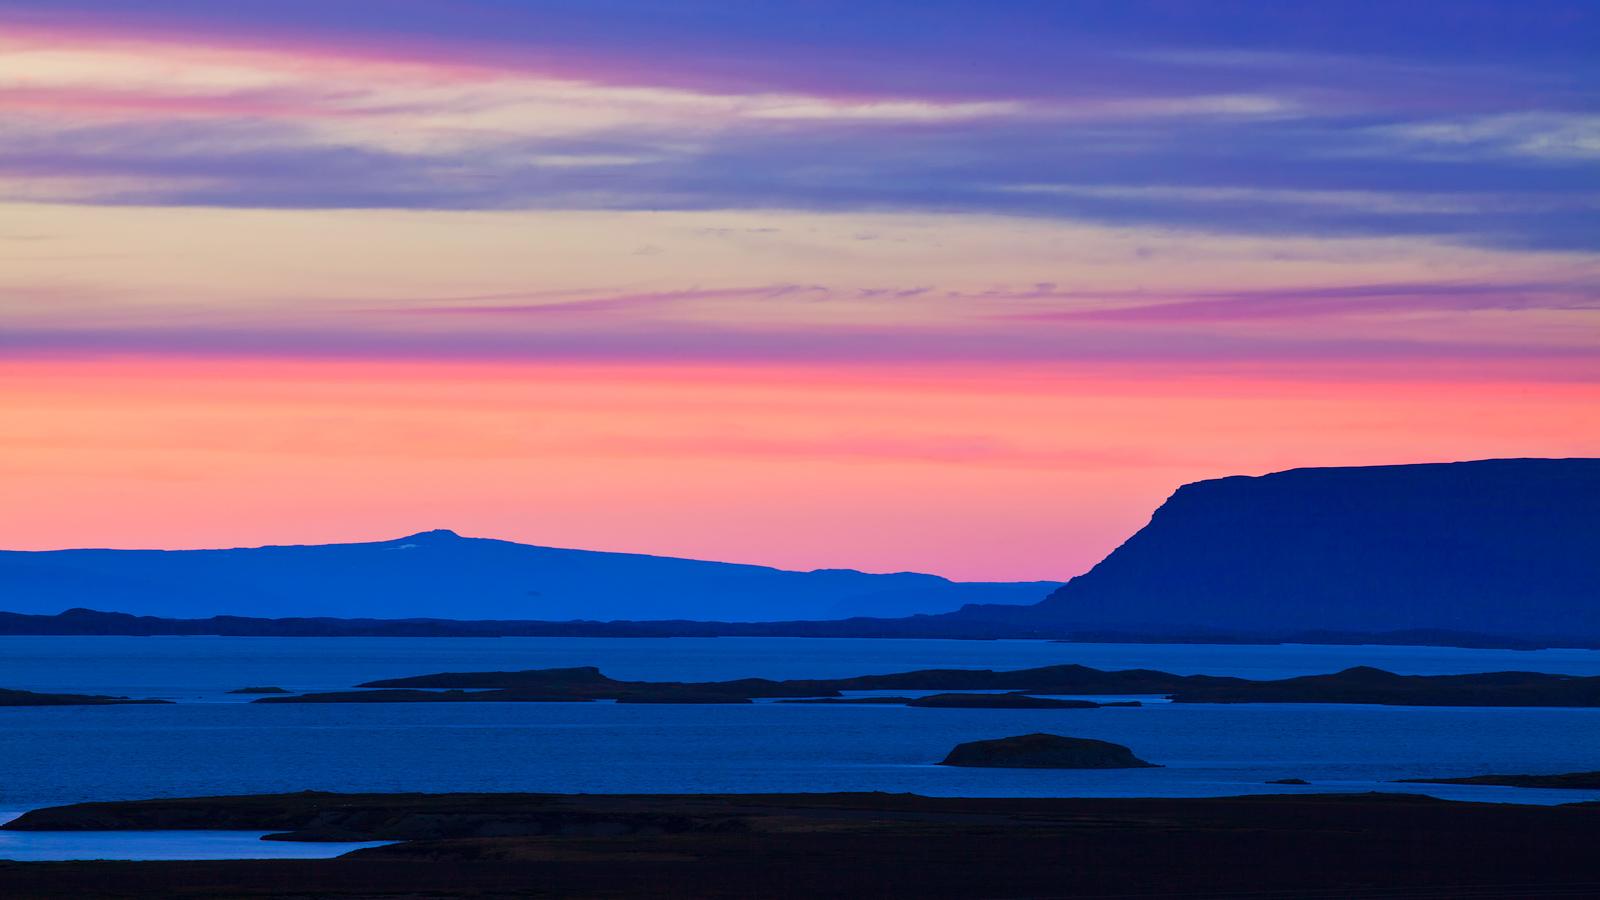 Beautiful pastel sunset on Iceland's coast